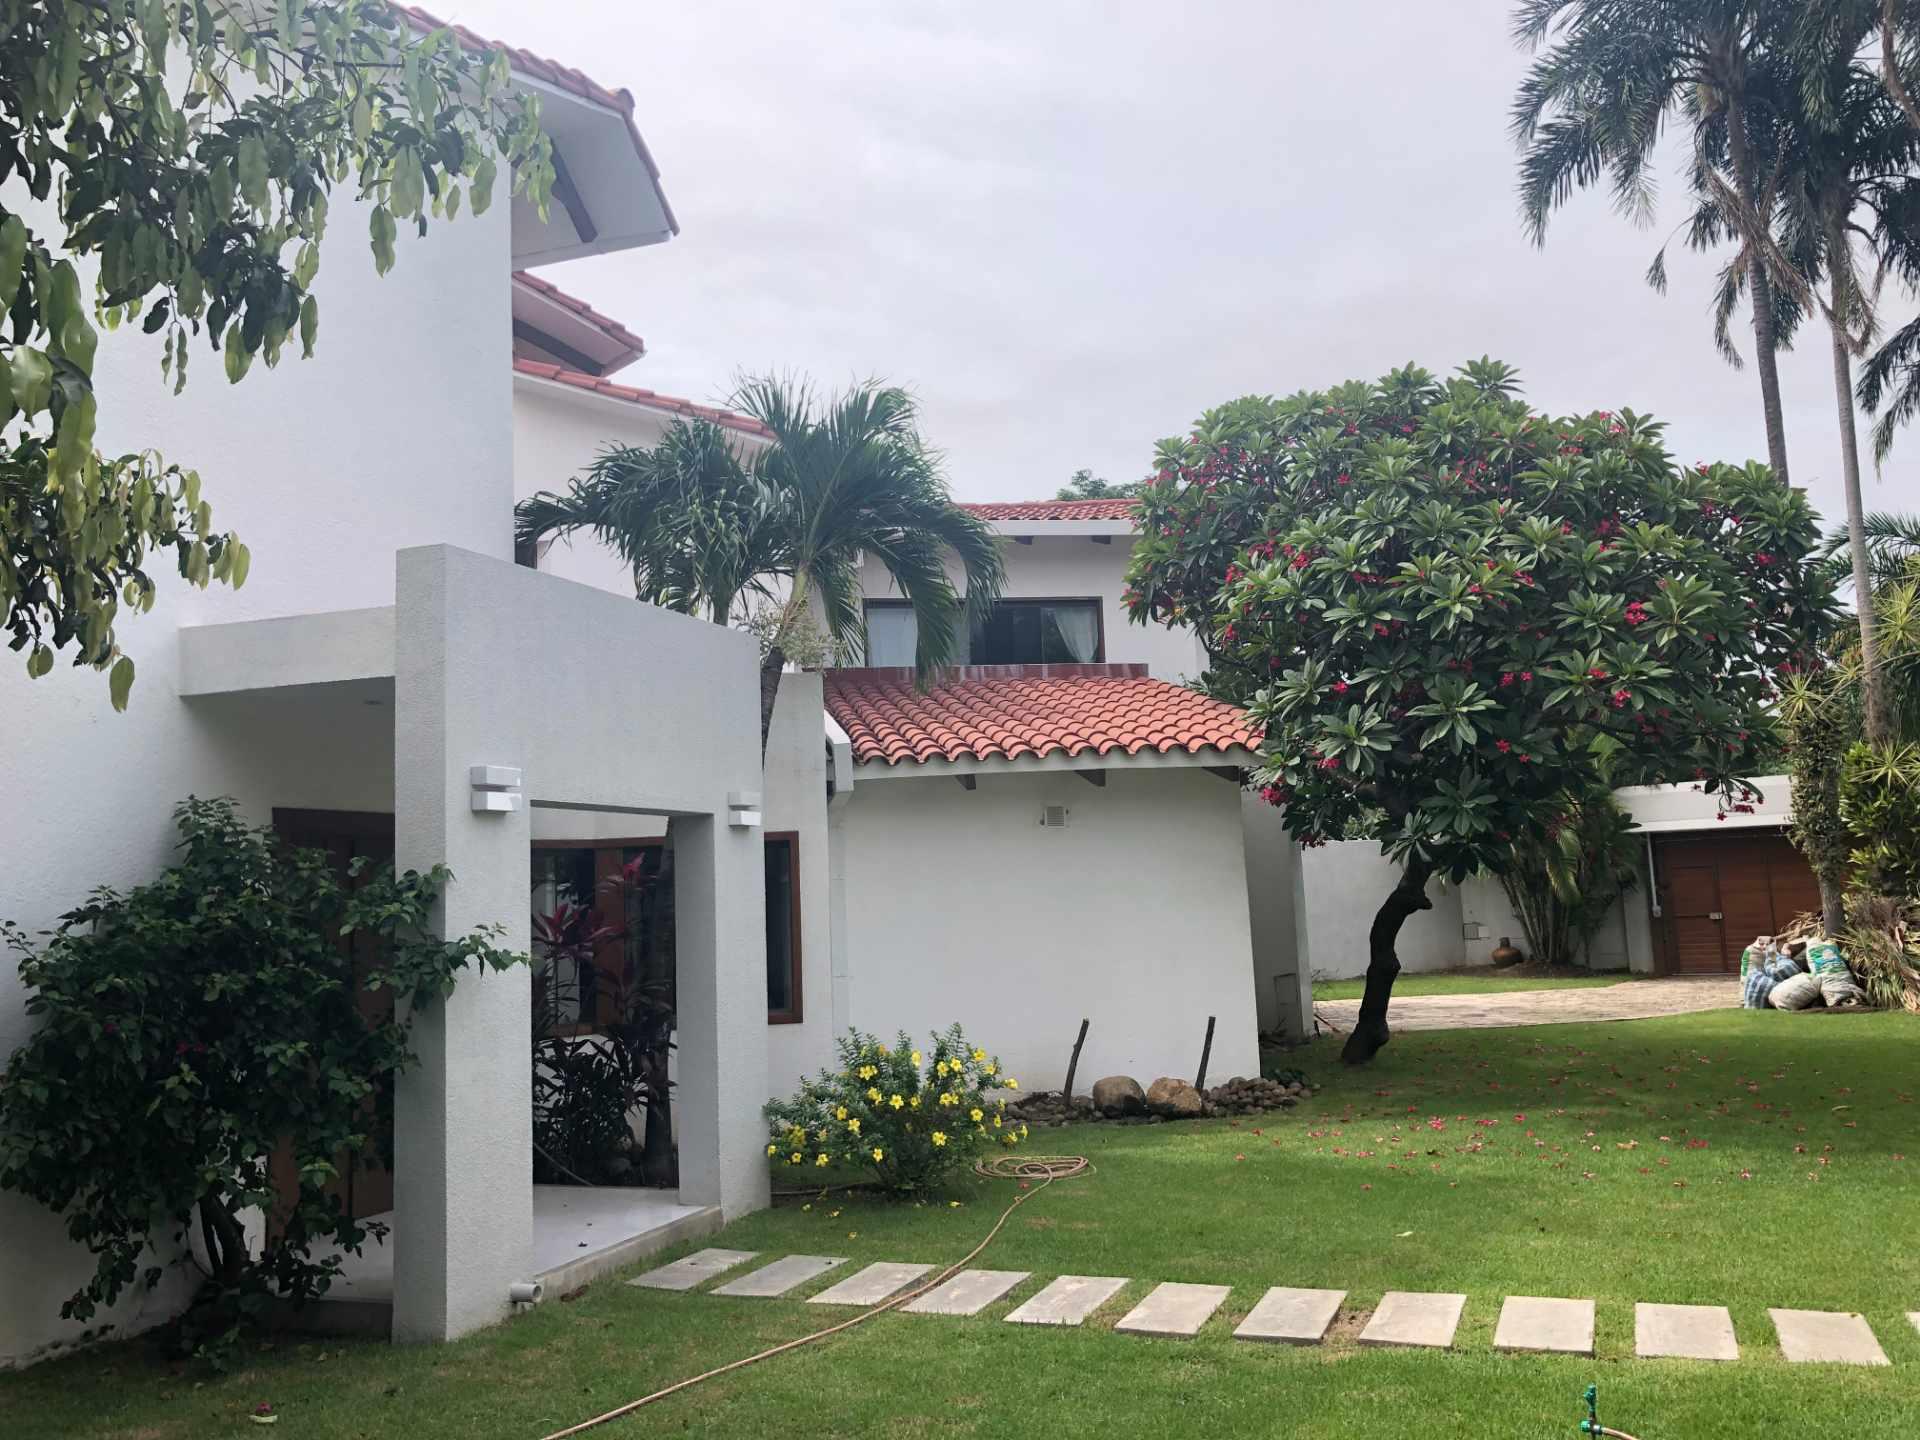 Casa en Alquiler Casa independiente ideal para vivienda + oficinas [Entre Av. Beni y Alemana, próximo a Los Cusis], Casa amplia en alquiler de 2 plantas y 5 dormitorios con dependencias [2.500$us.] Foto 15